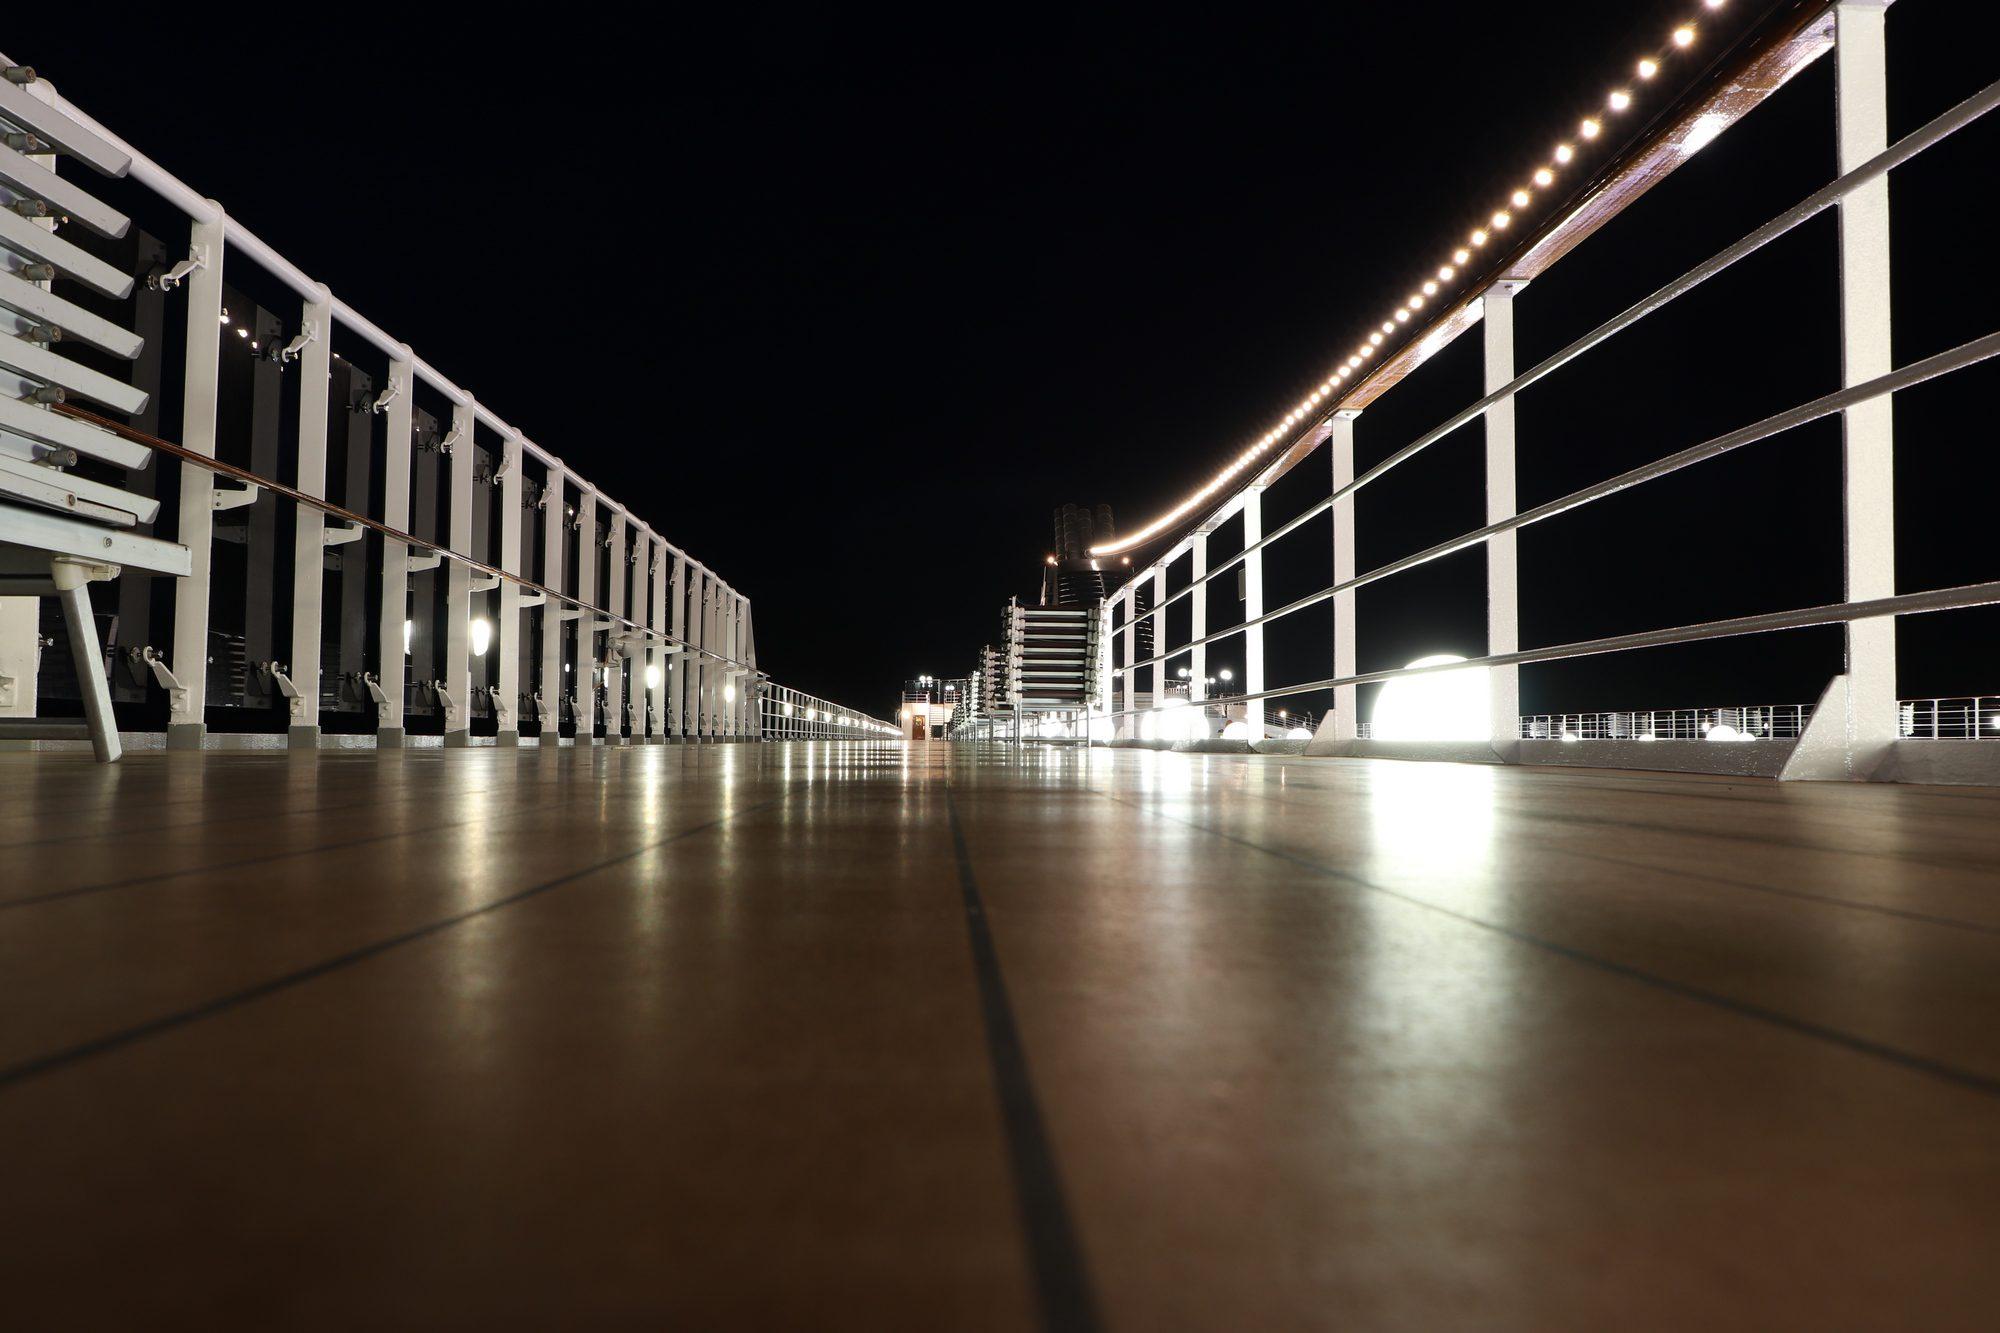 Nacht auf der MSC Opera